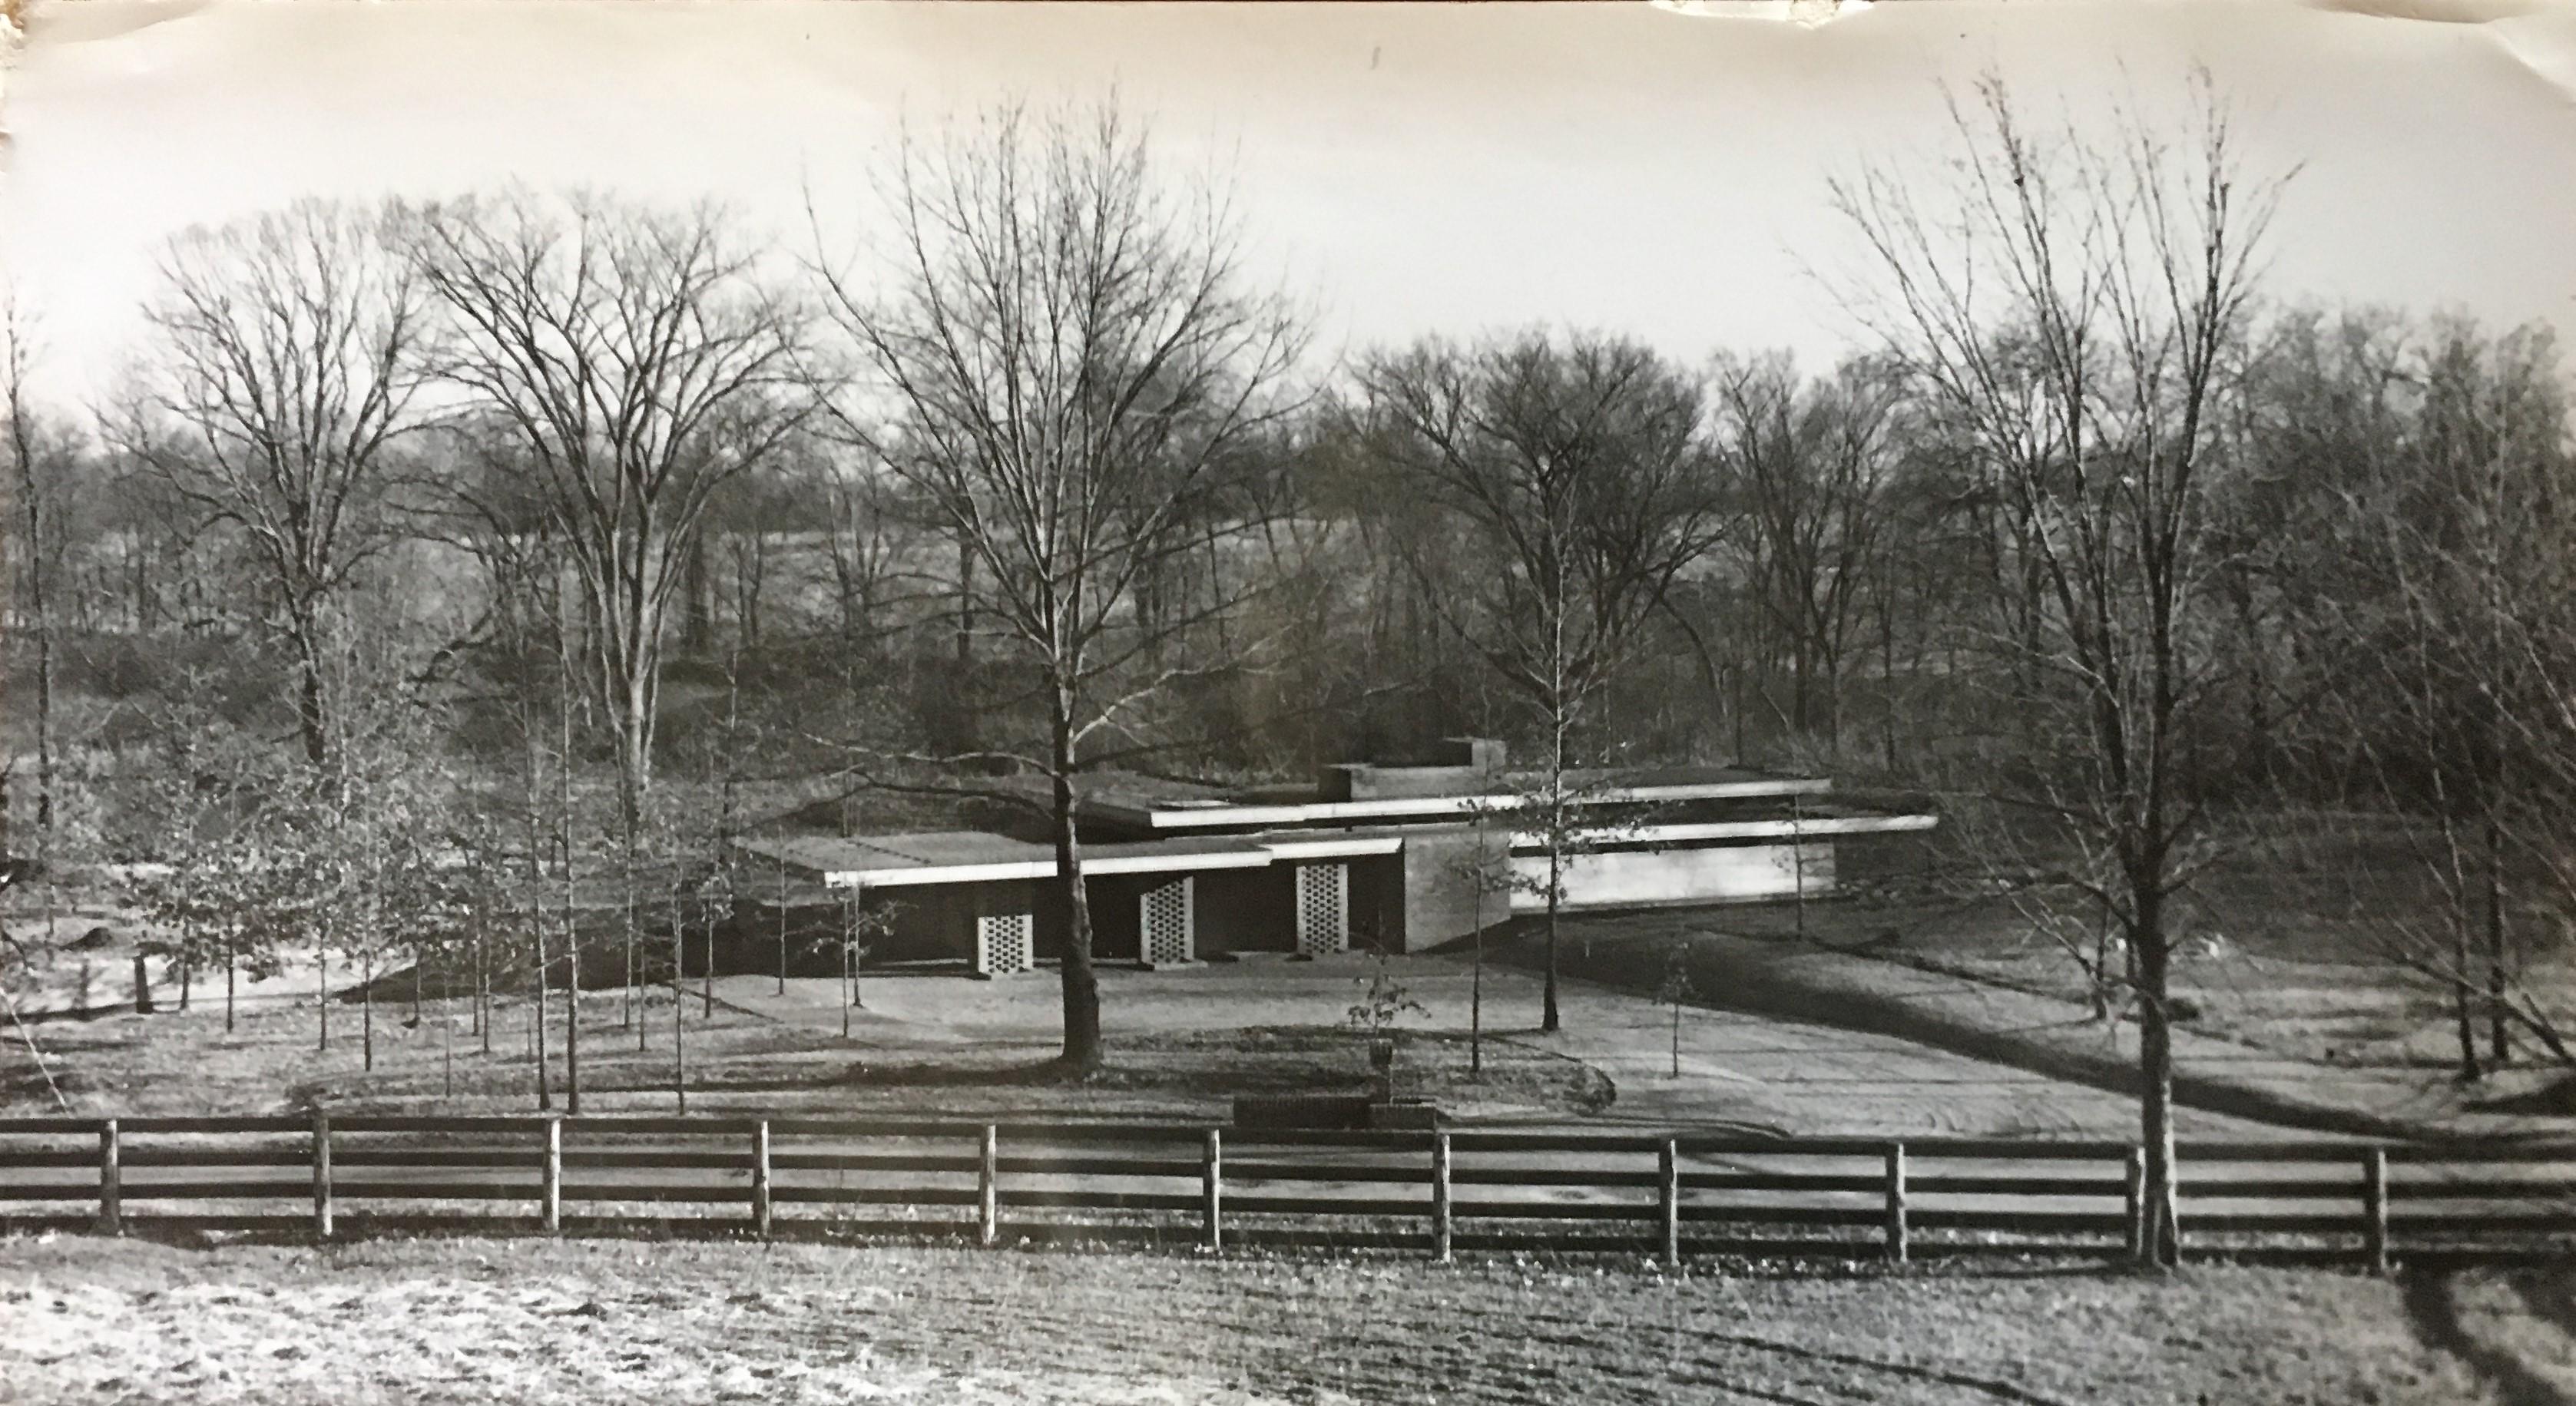 Smith House with Farmland